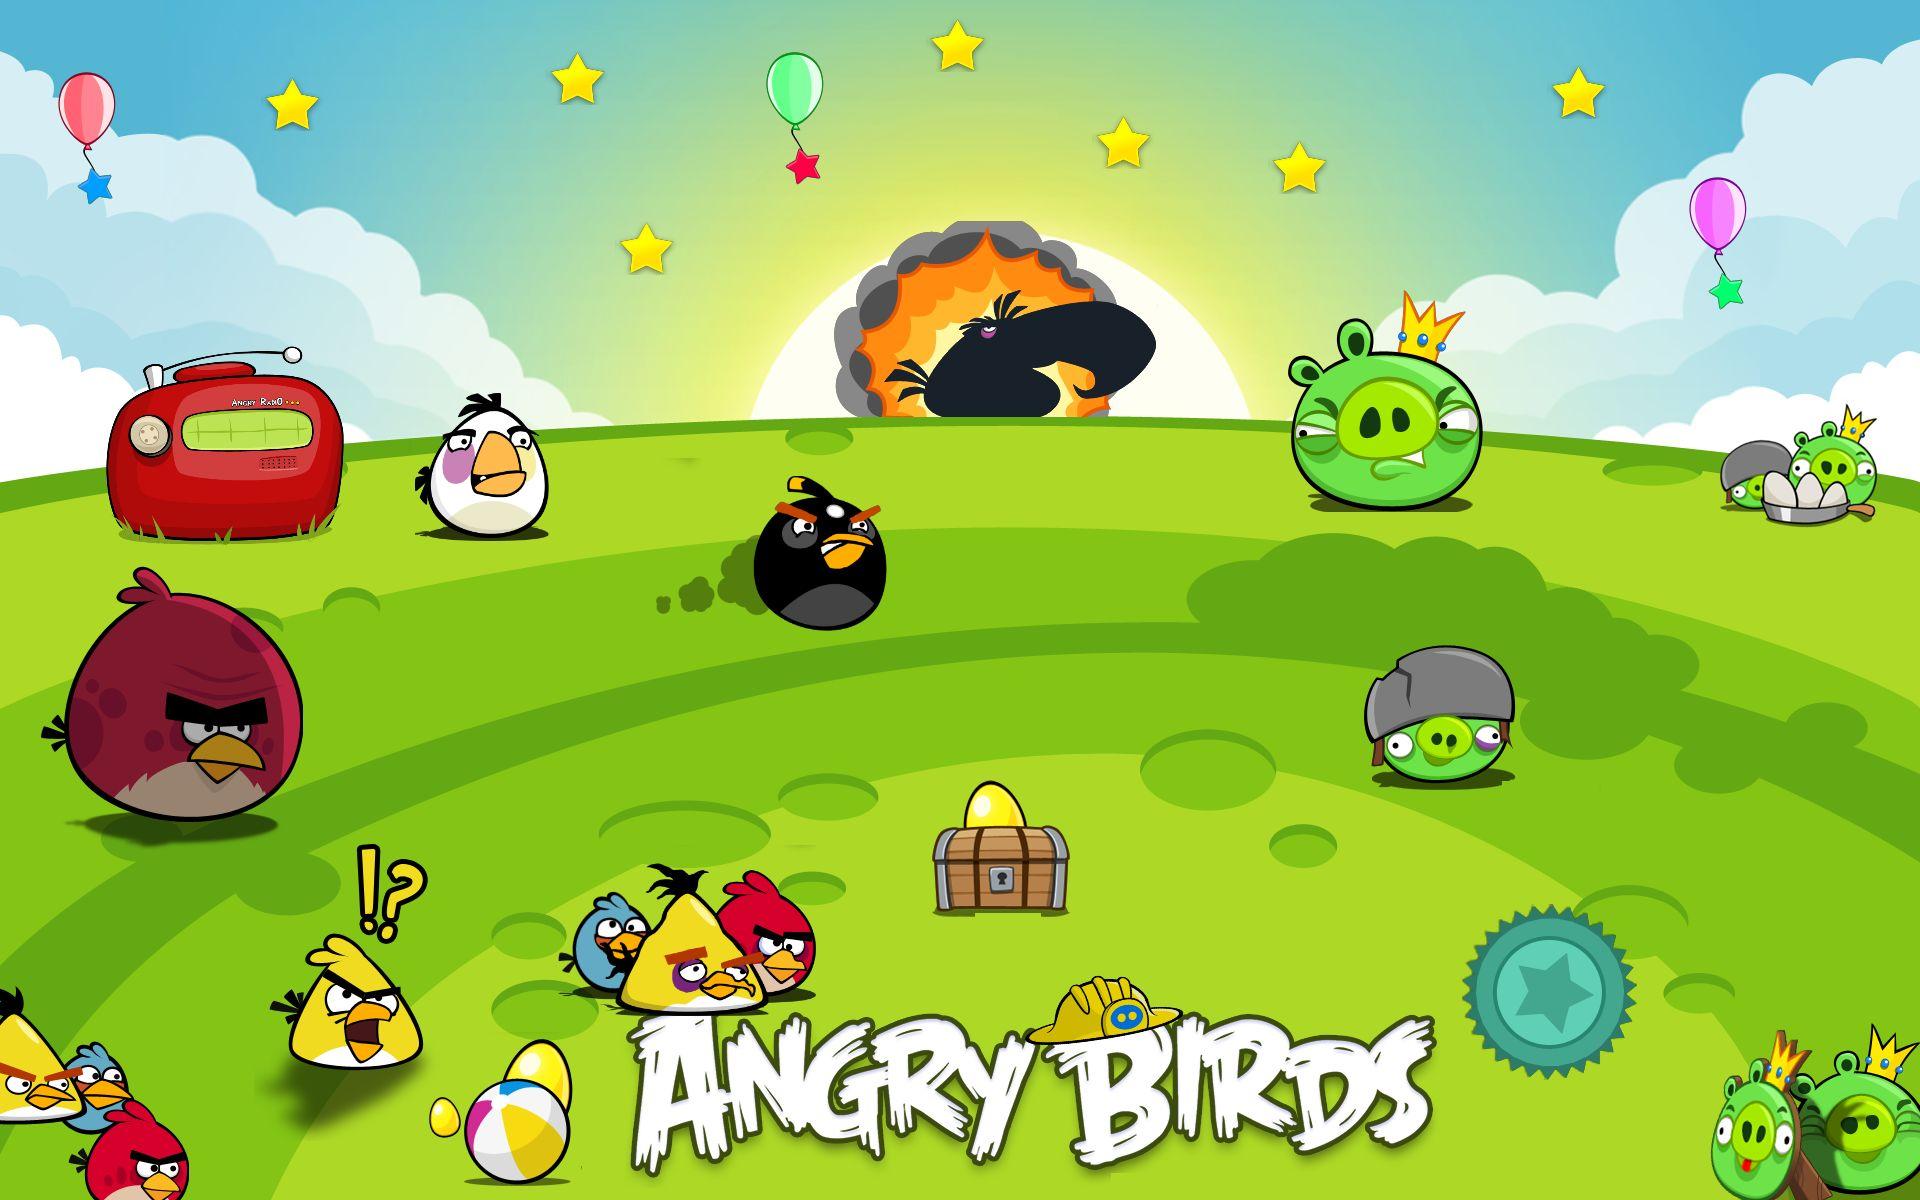 Angry Birds - видеоигра-головоломка, разработанная финской компанией Rovio Mobile